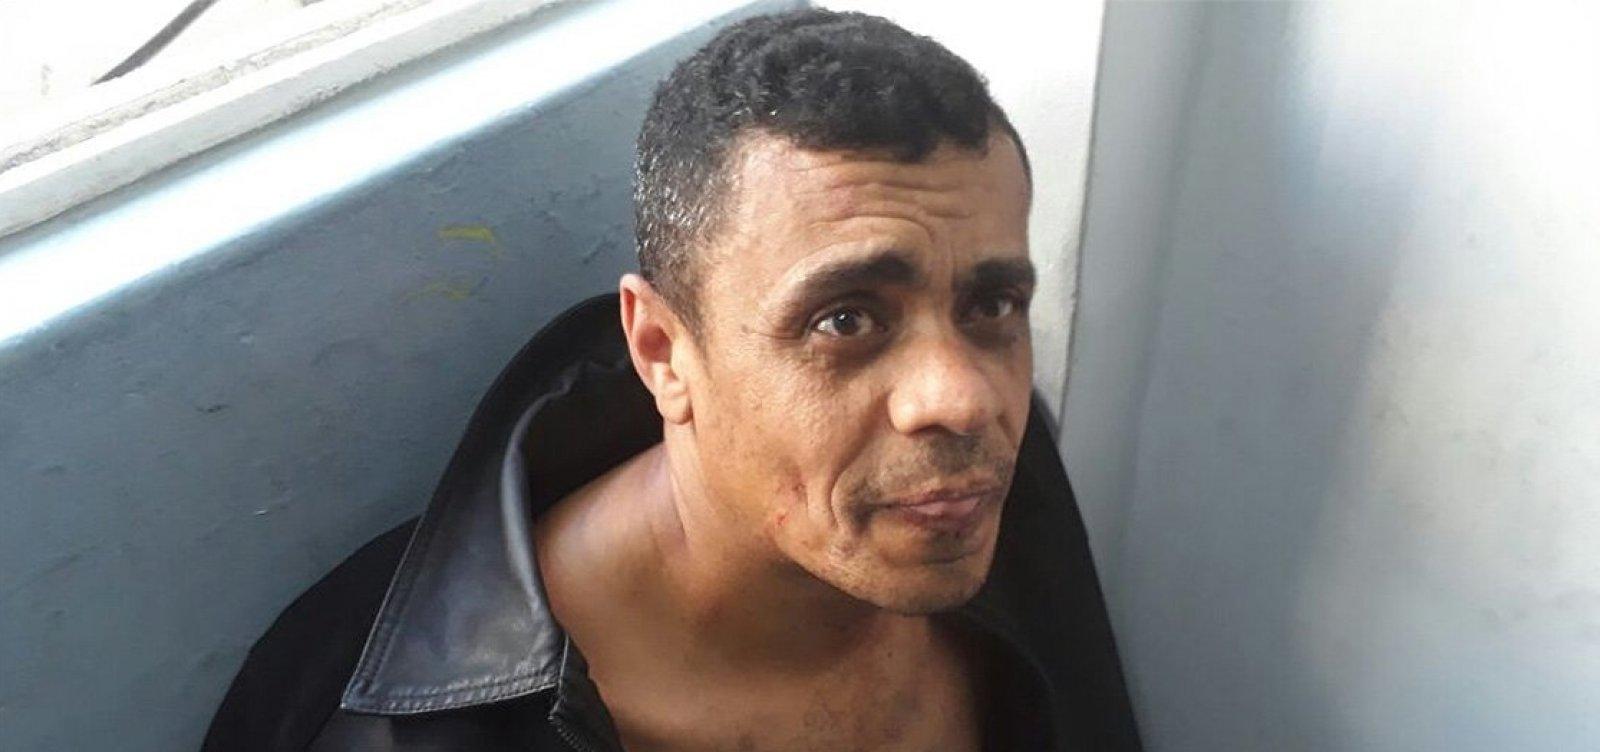 [Procuradoria denuncia esfaqueador de Bolsonaro por 'inconformismo político']